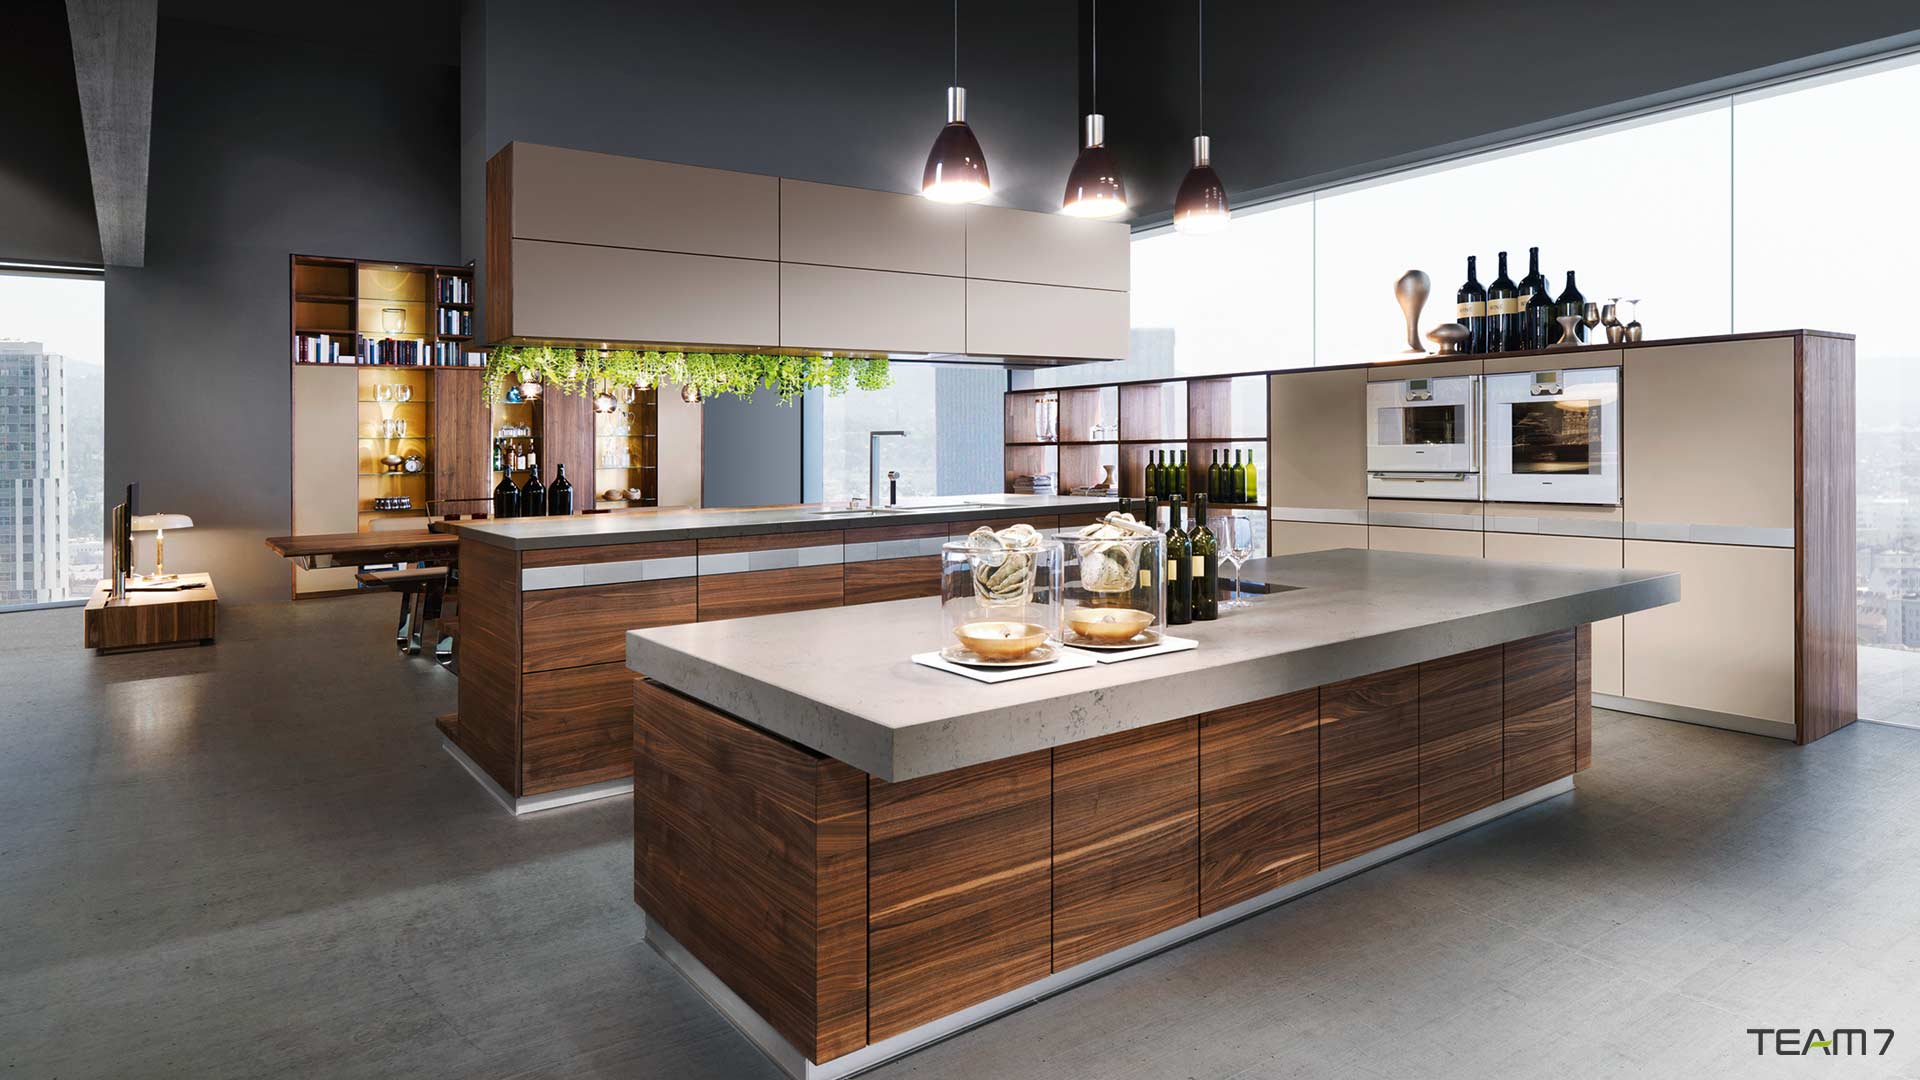 Küchen Kiel team 7 küchen in neumünster möbel schulz bad segeberg kiel